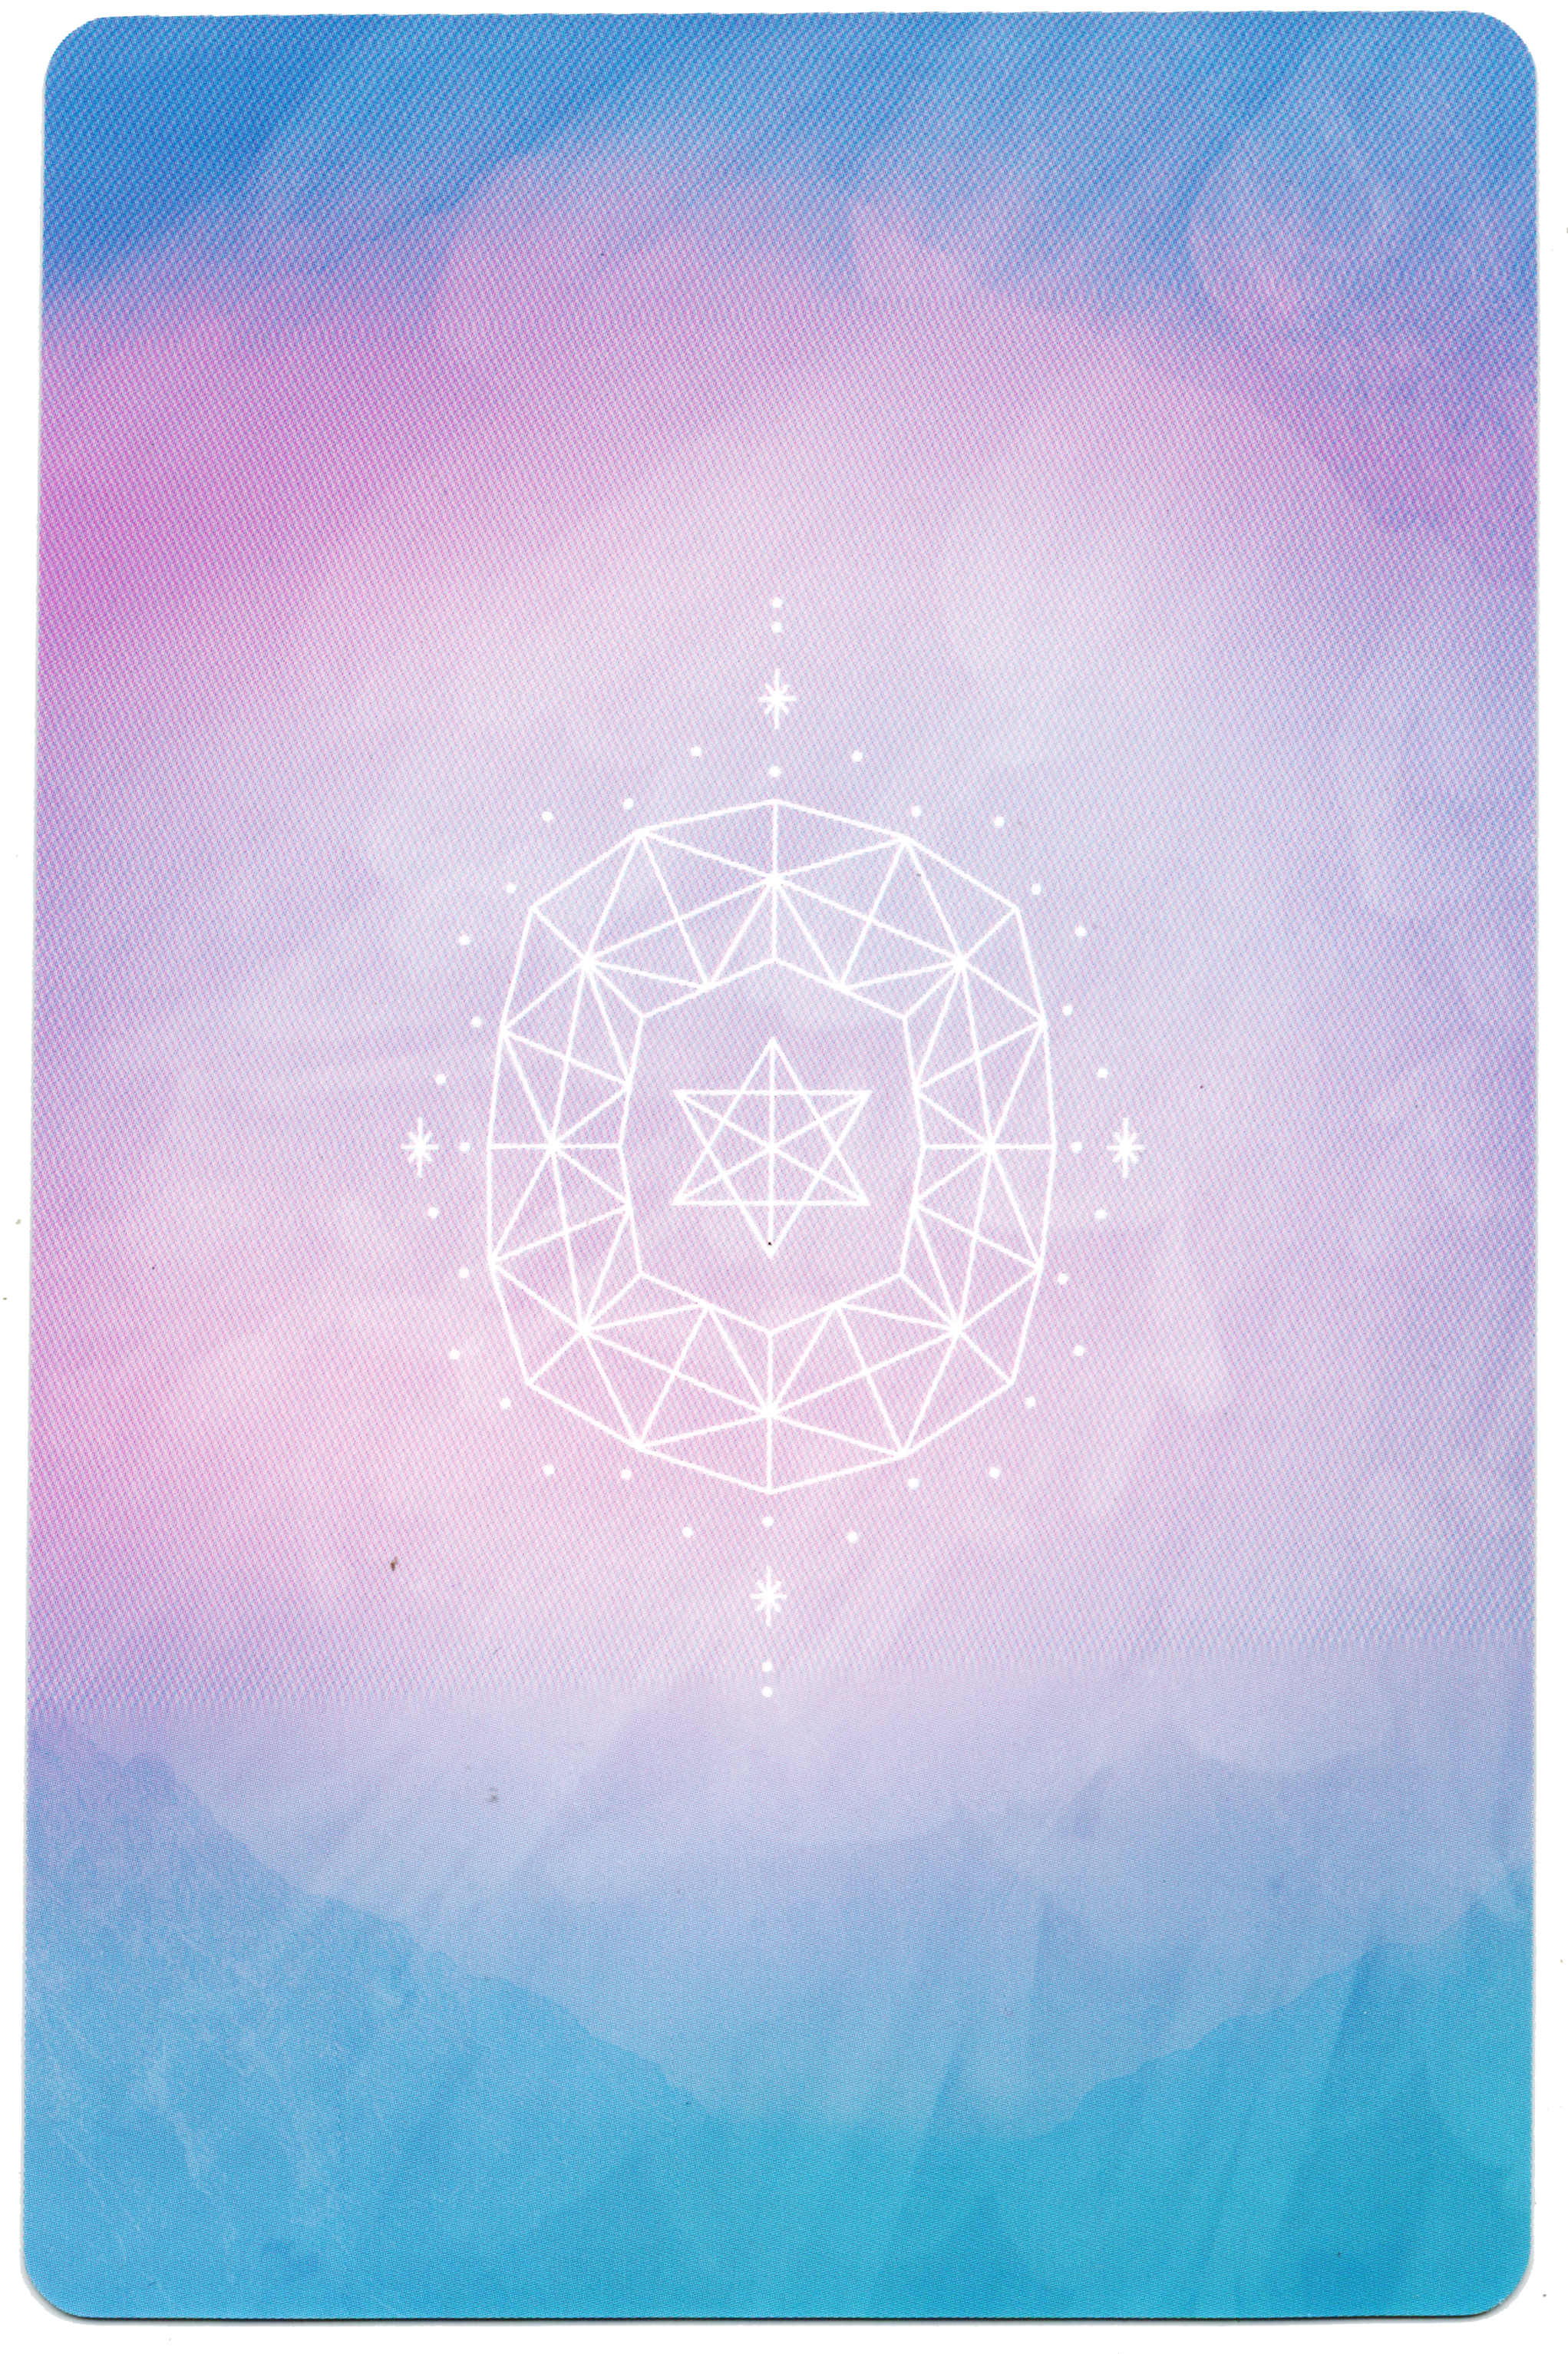 Rút Bài Oracle: Tổng Quan Chuyện Tình Yêu